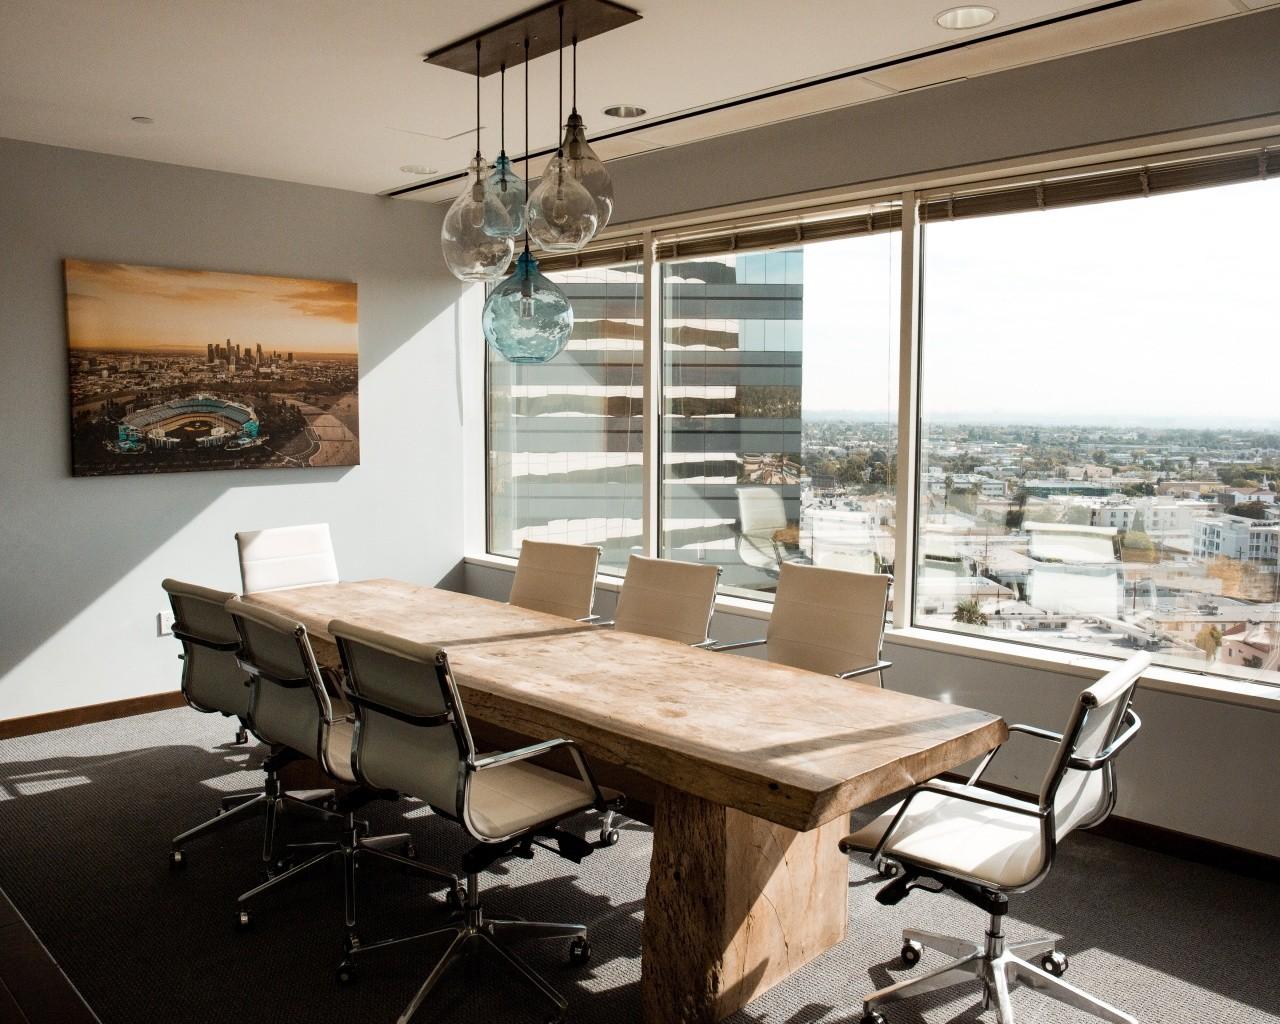 Quadri Classici Per Arredamento quadri per arredo ufficio | idee dall'ufficio di barney